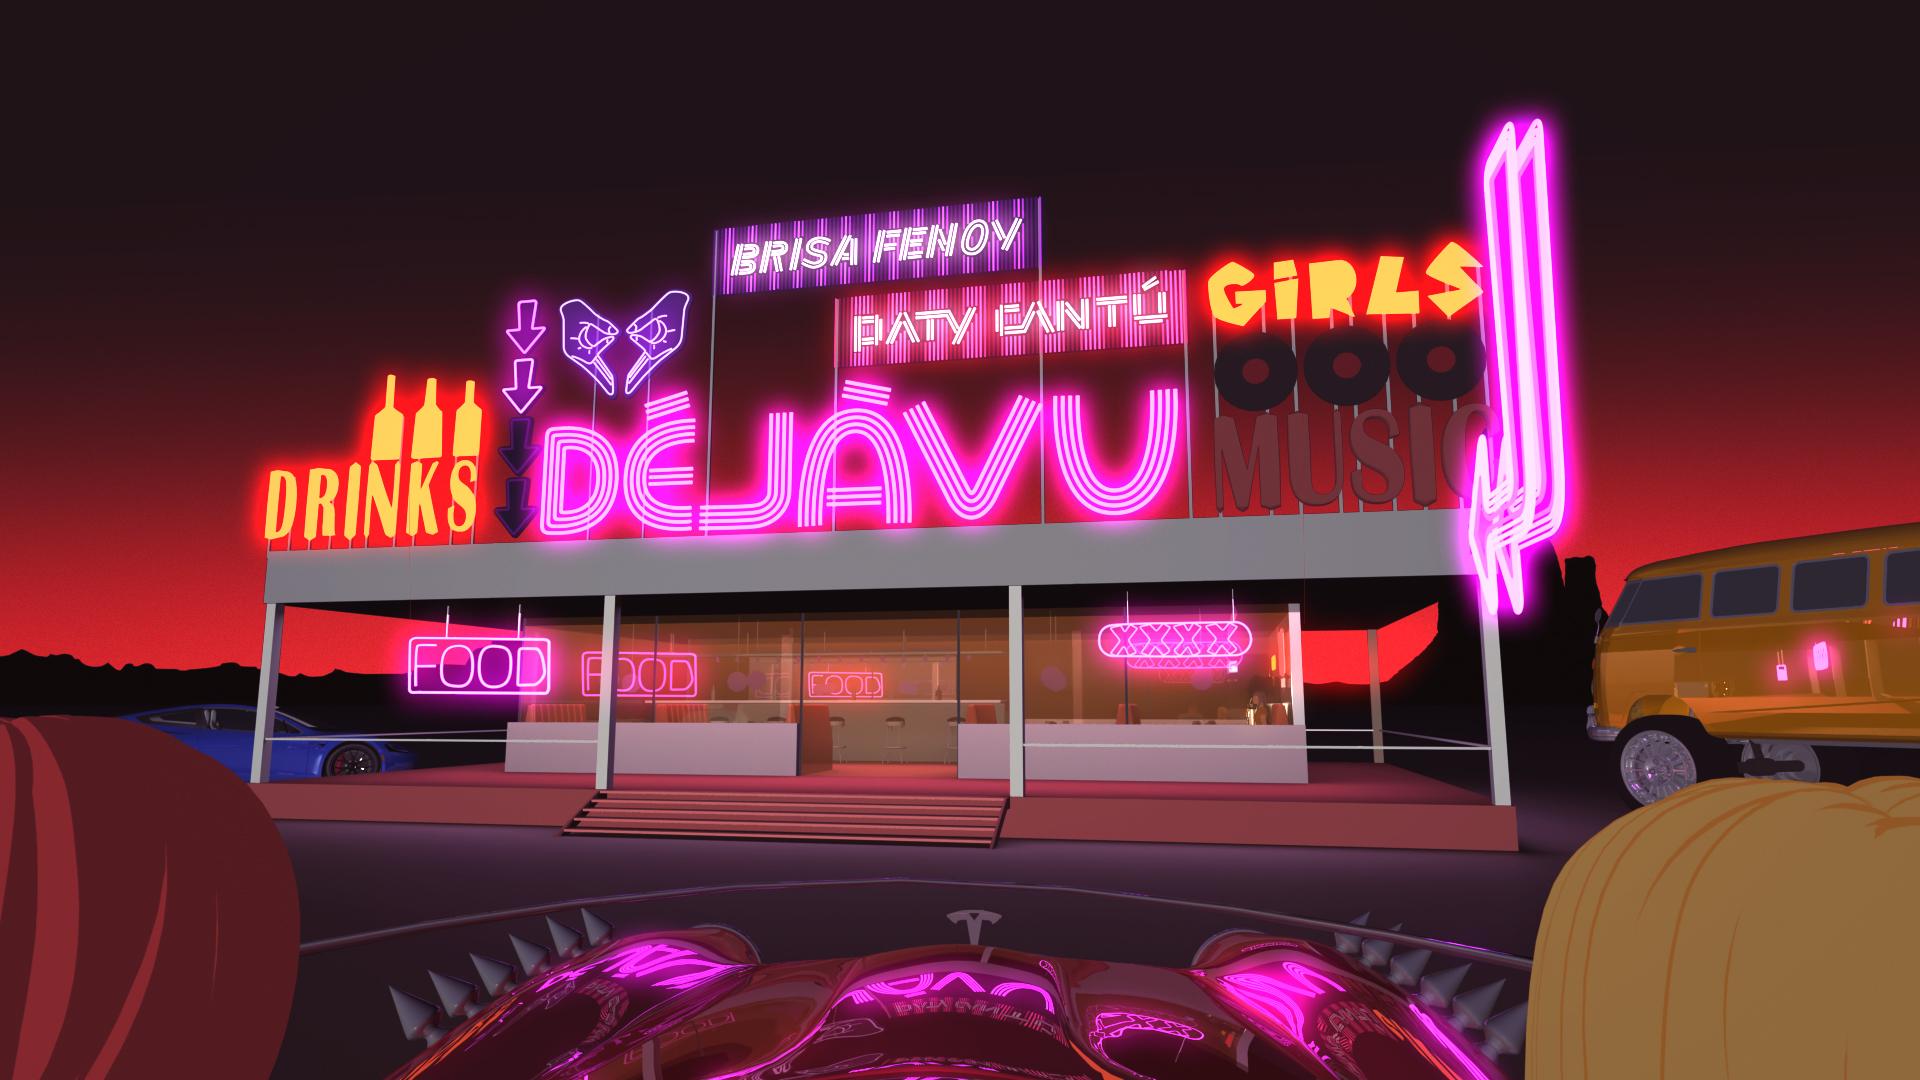 DEJAVU 09